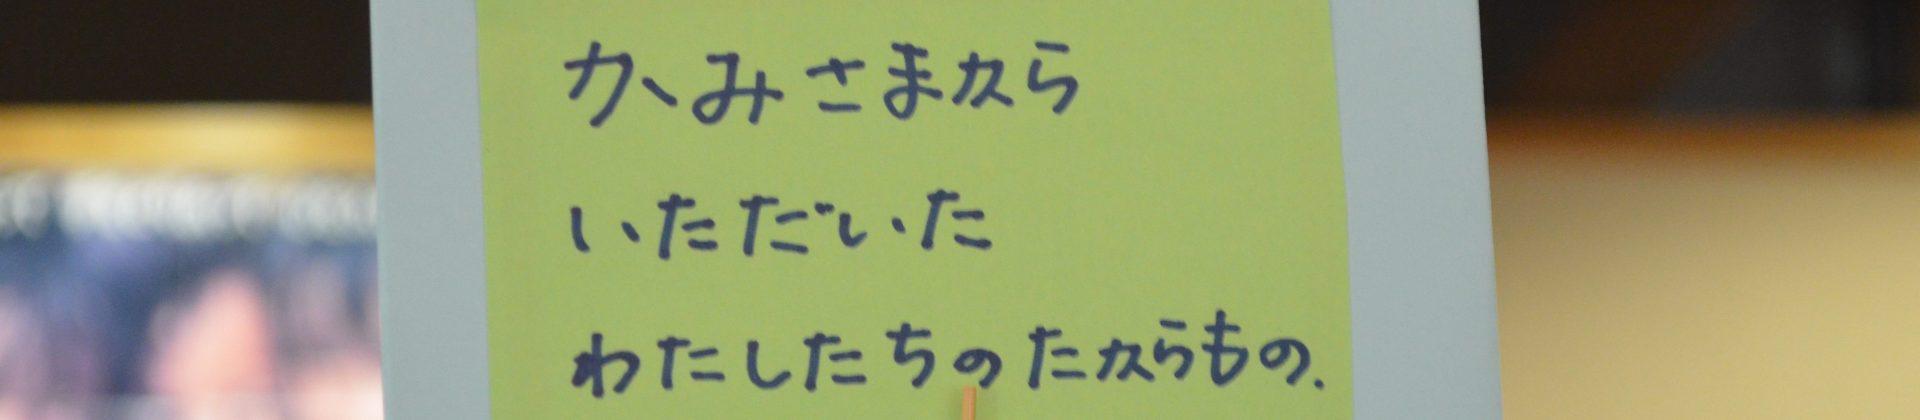 日本キリスト教団 甲子園教会